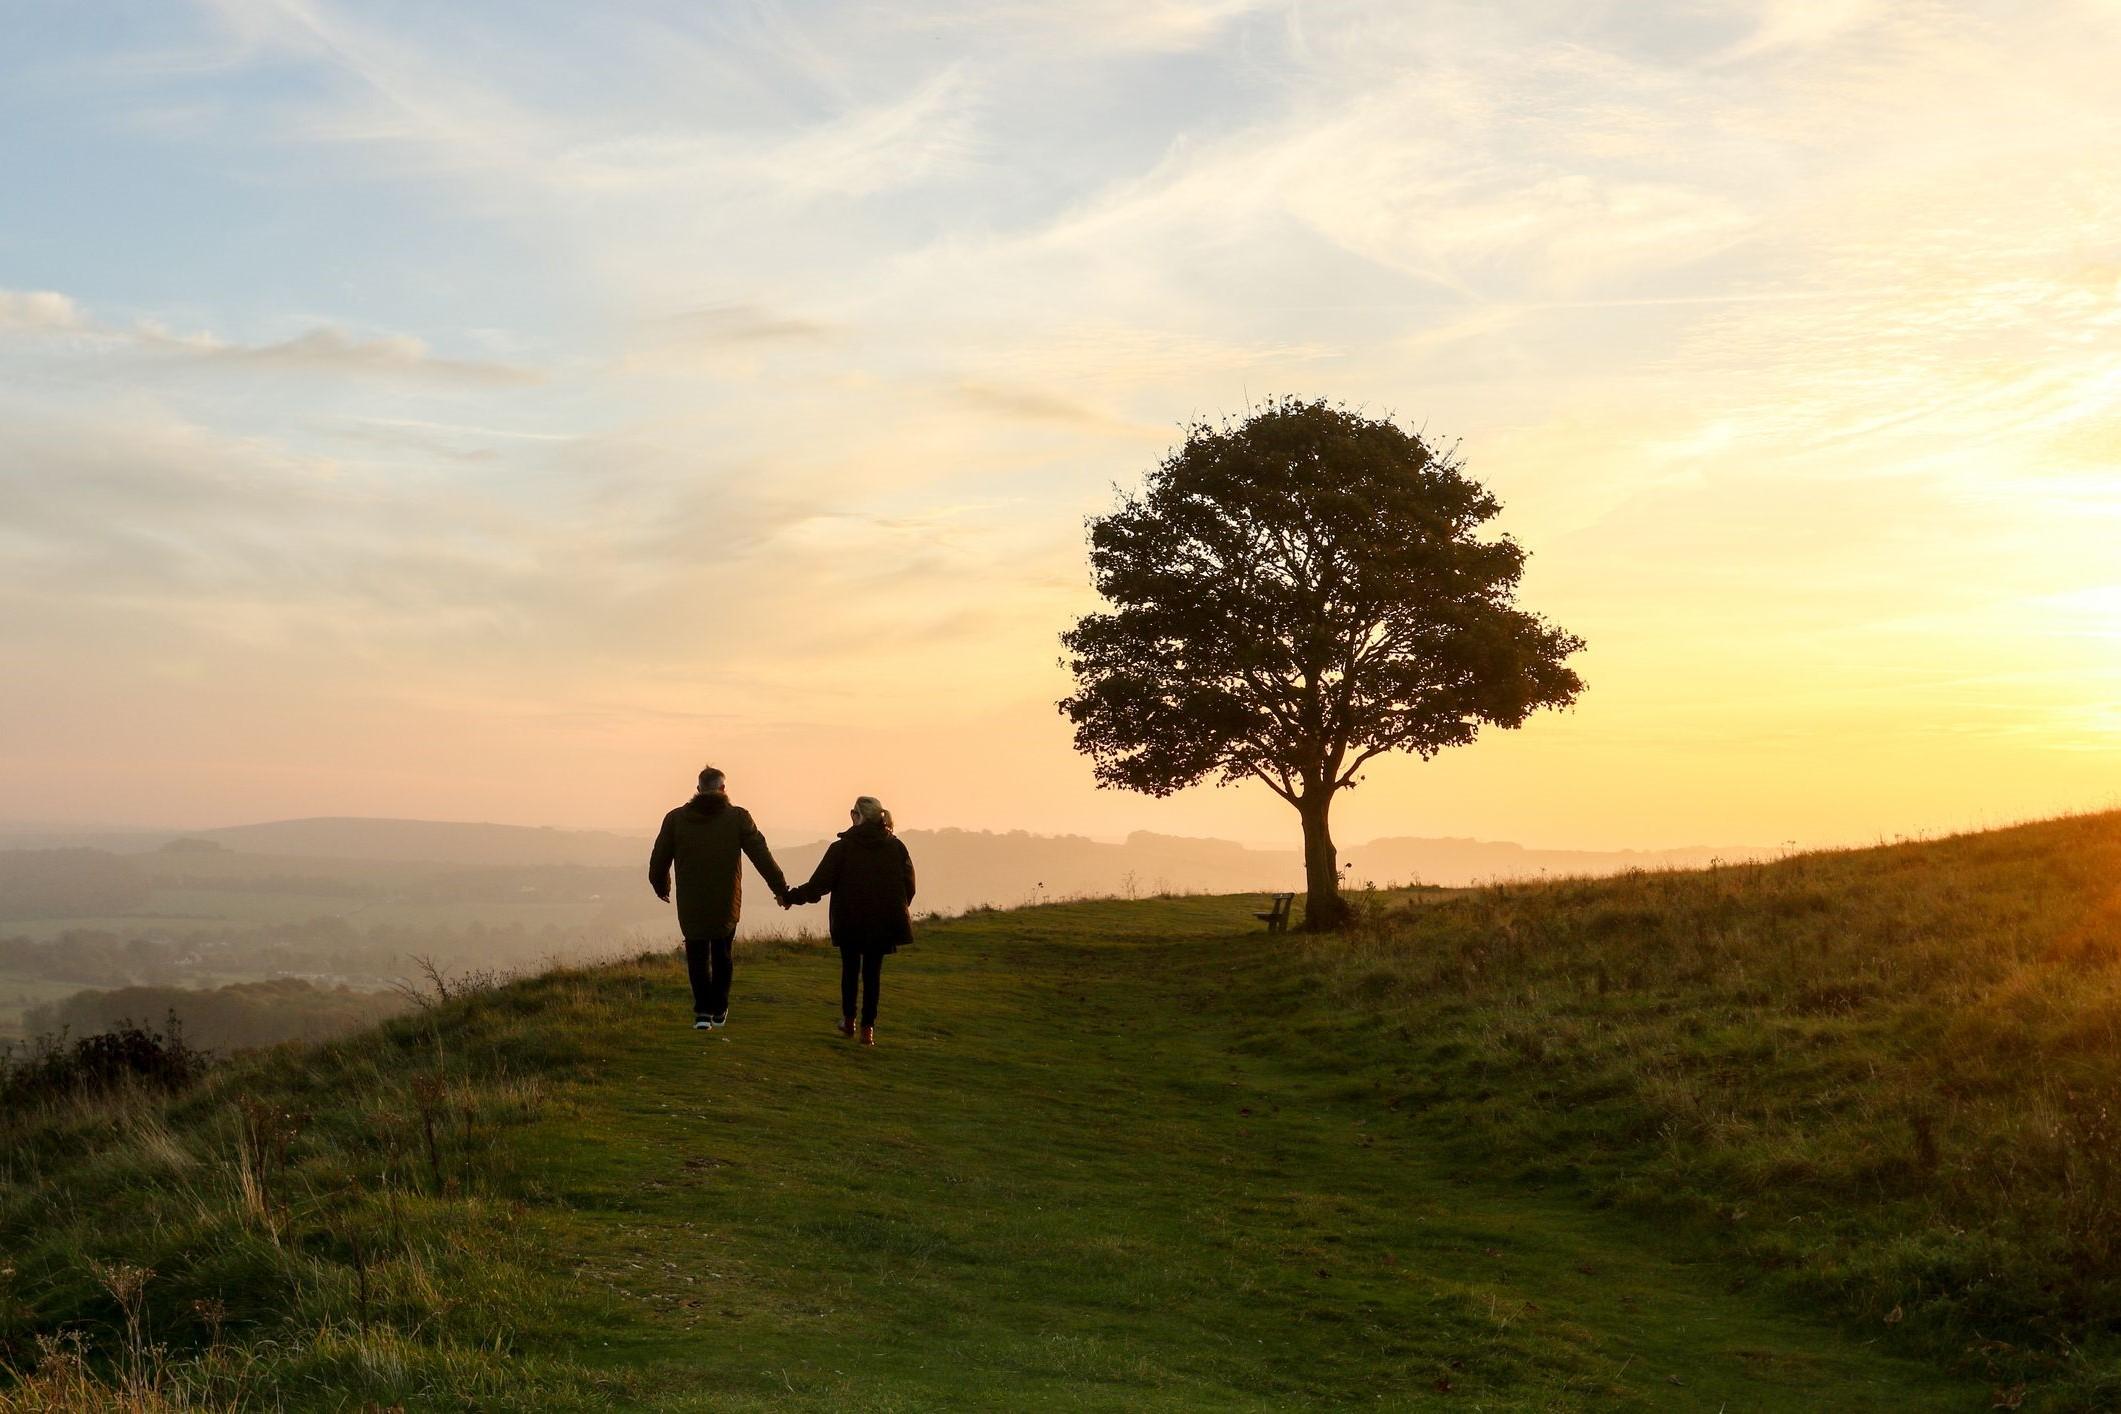 Faites une promenade paisible dans la nature et passez du bon temps ensemble.